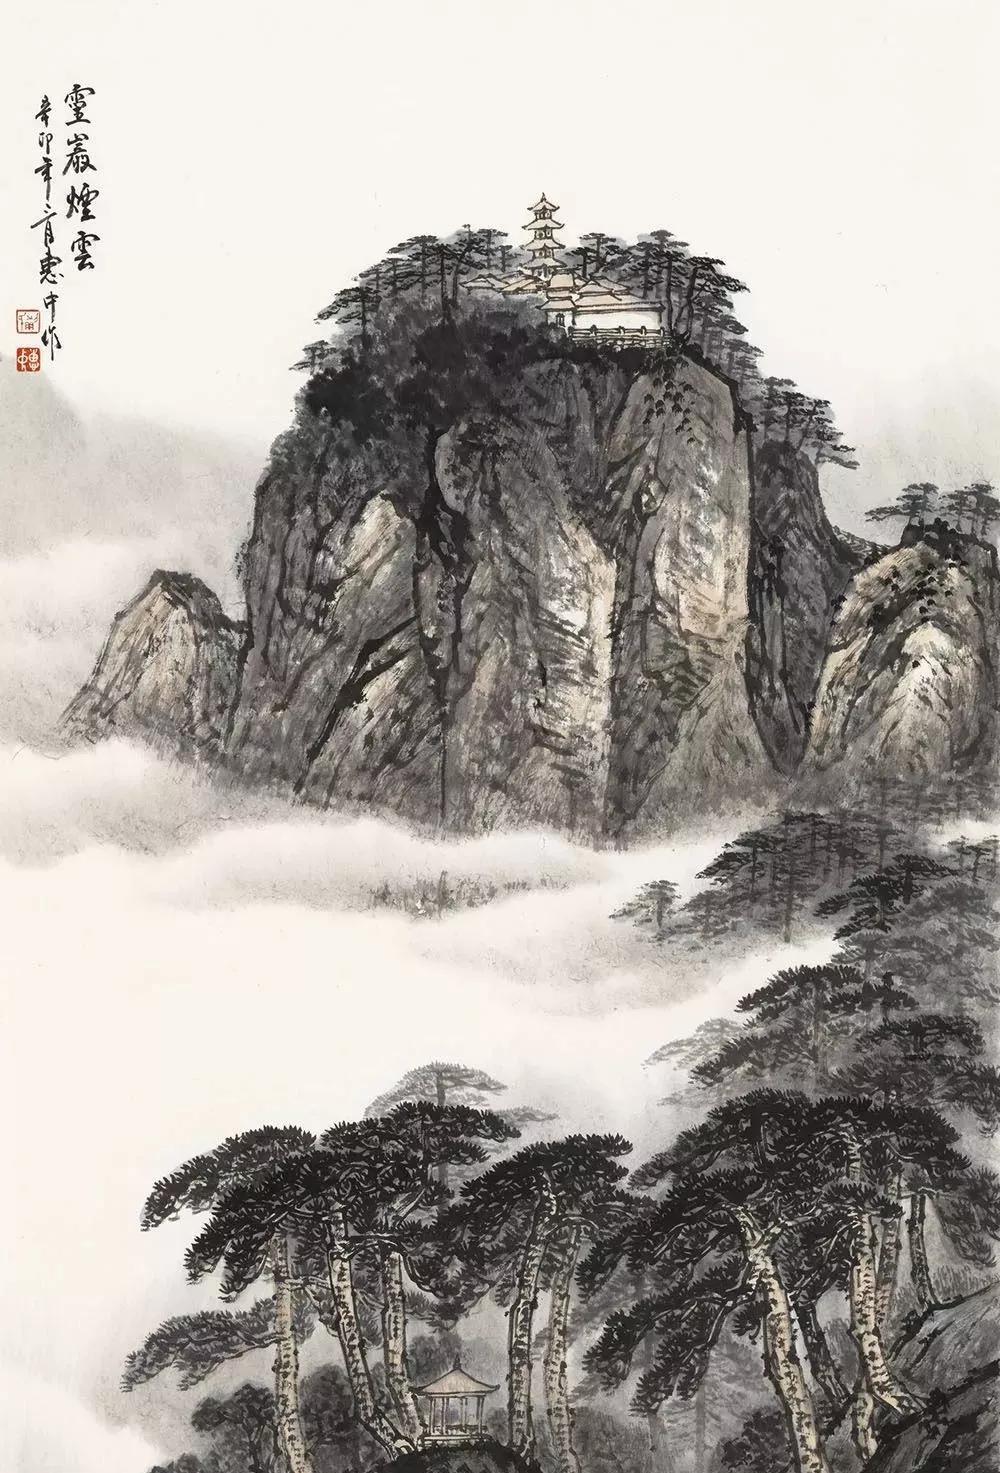 山水幽情笔墨新,蒯惠中的国画山水